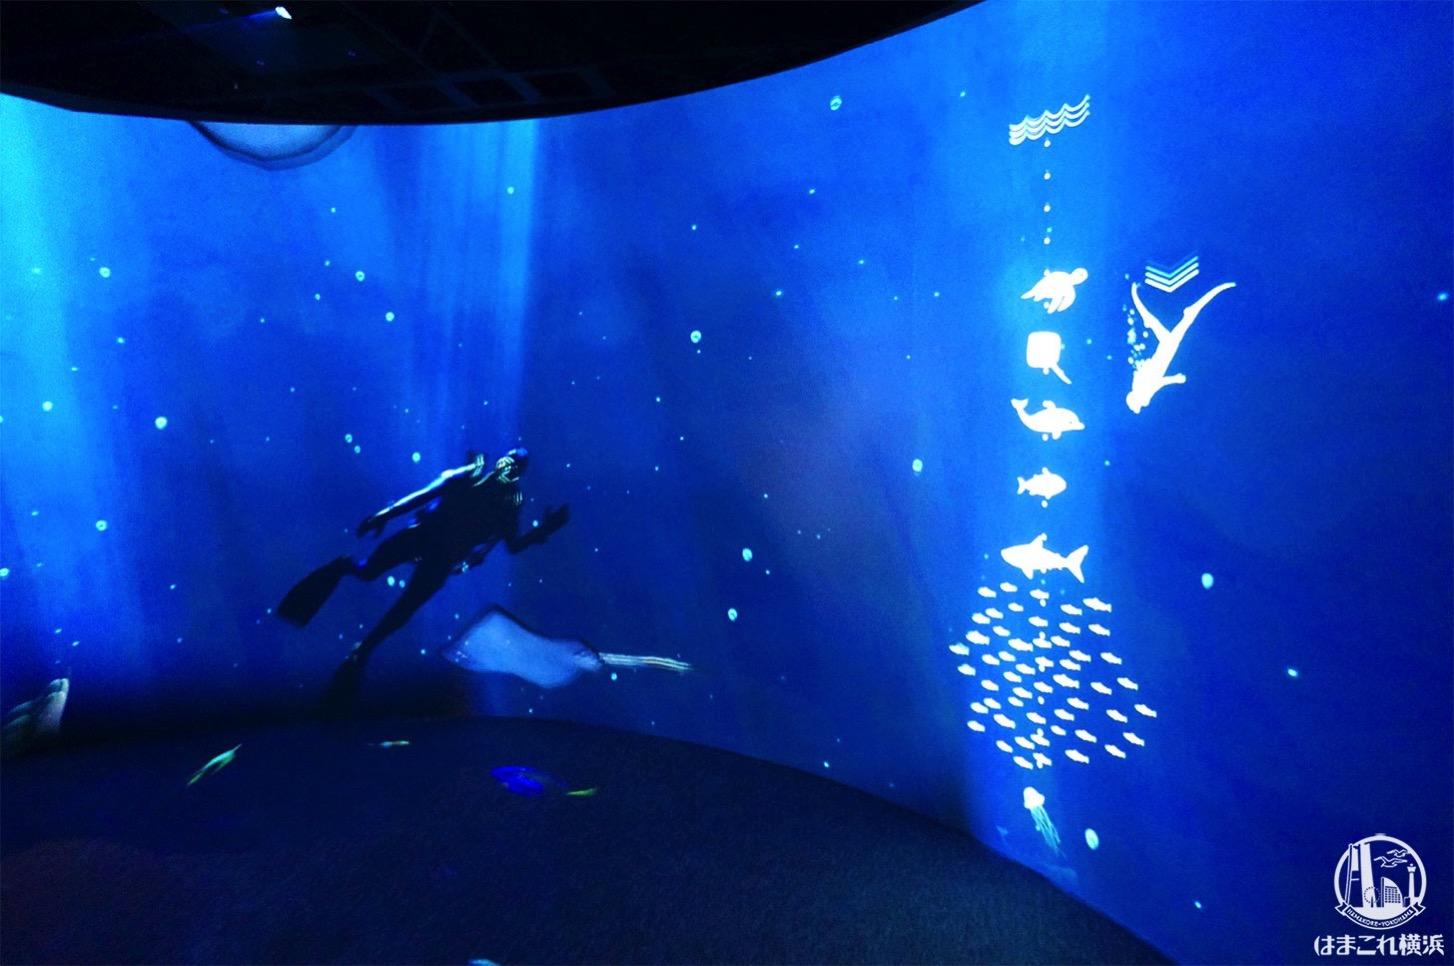 オーシャン バイ ネイキッド 光の深海展 横浜限定「ダイバー」